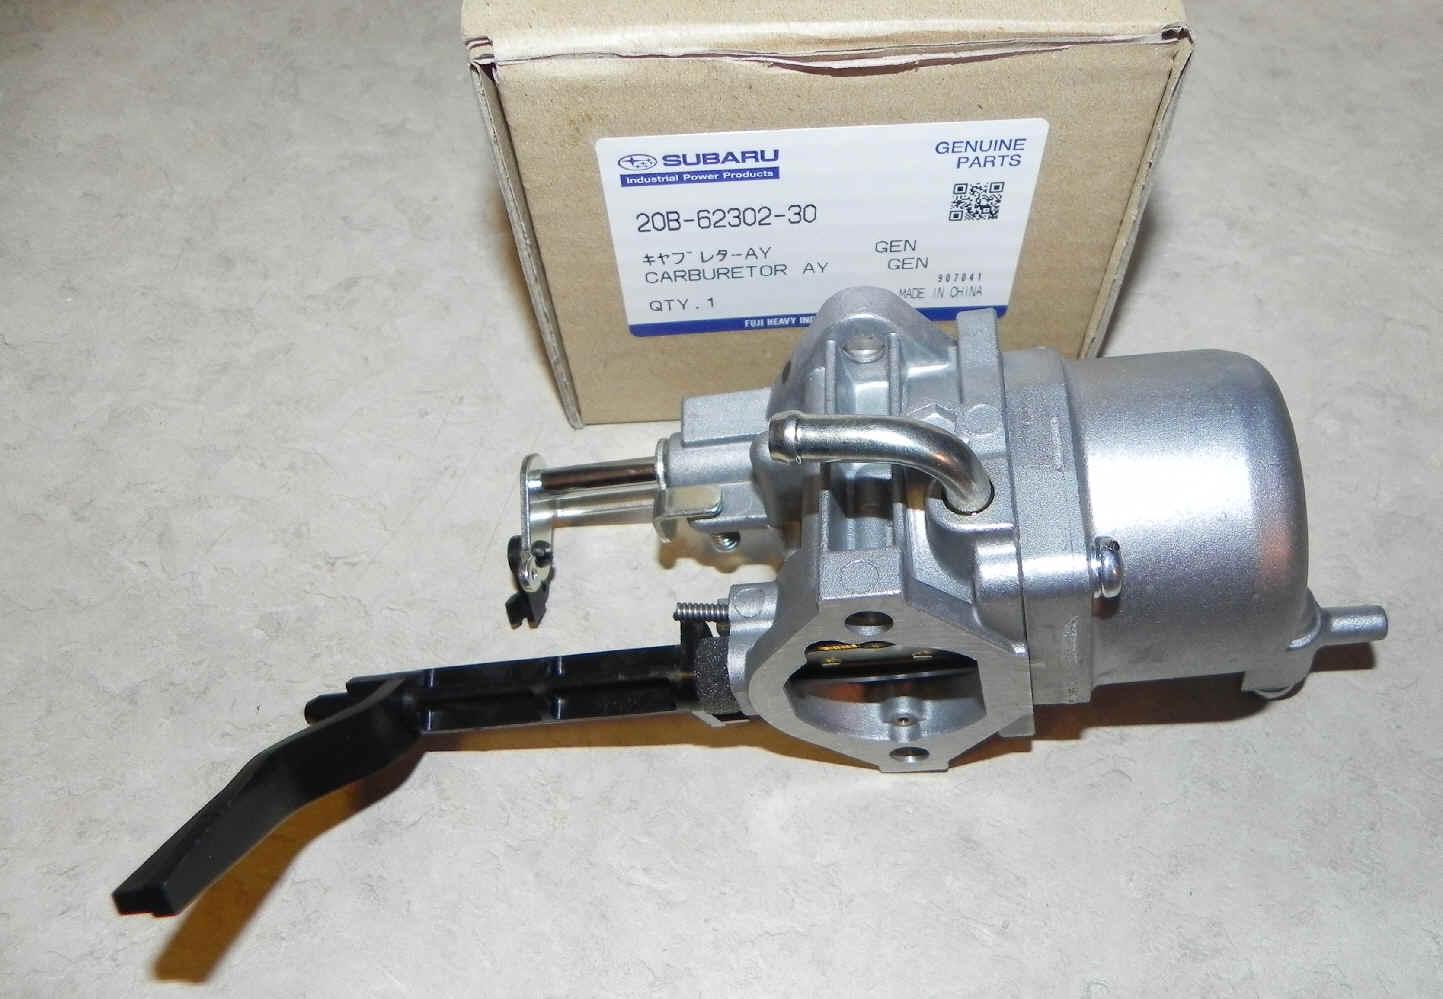 Robin Carburetor Part No. 20B-62302-30